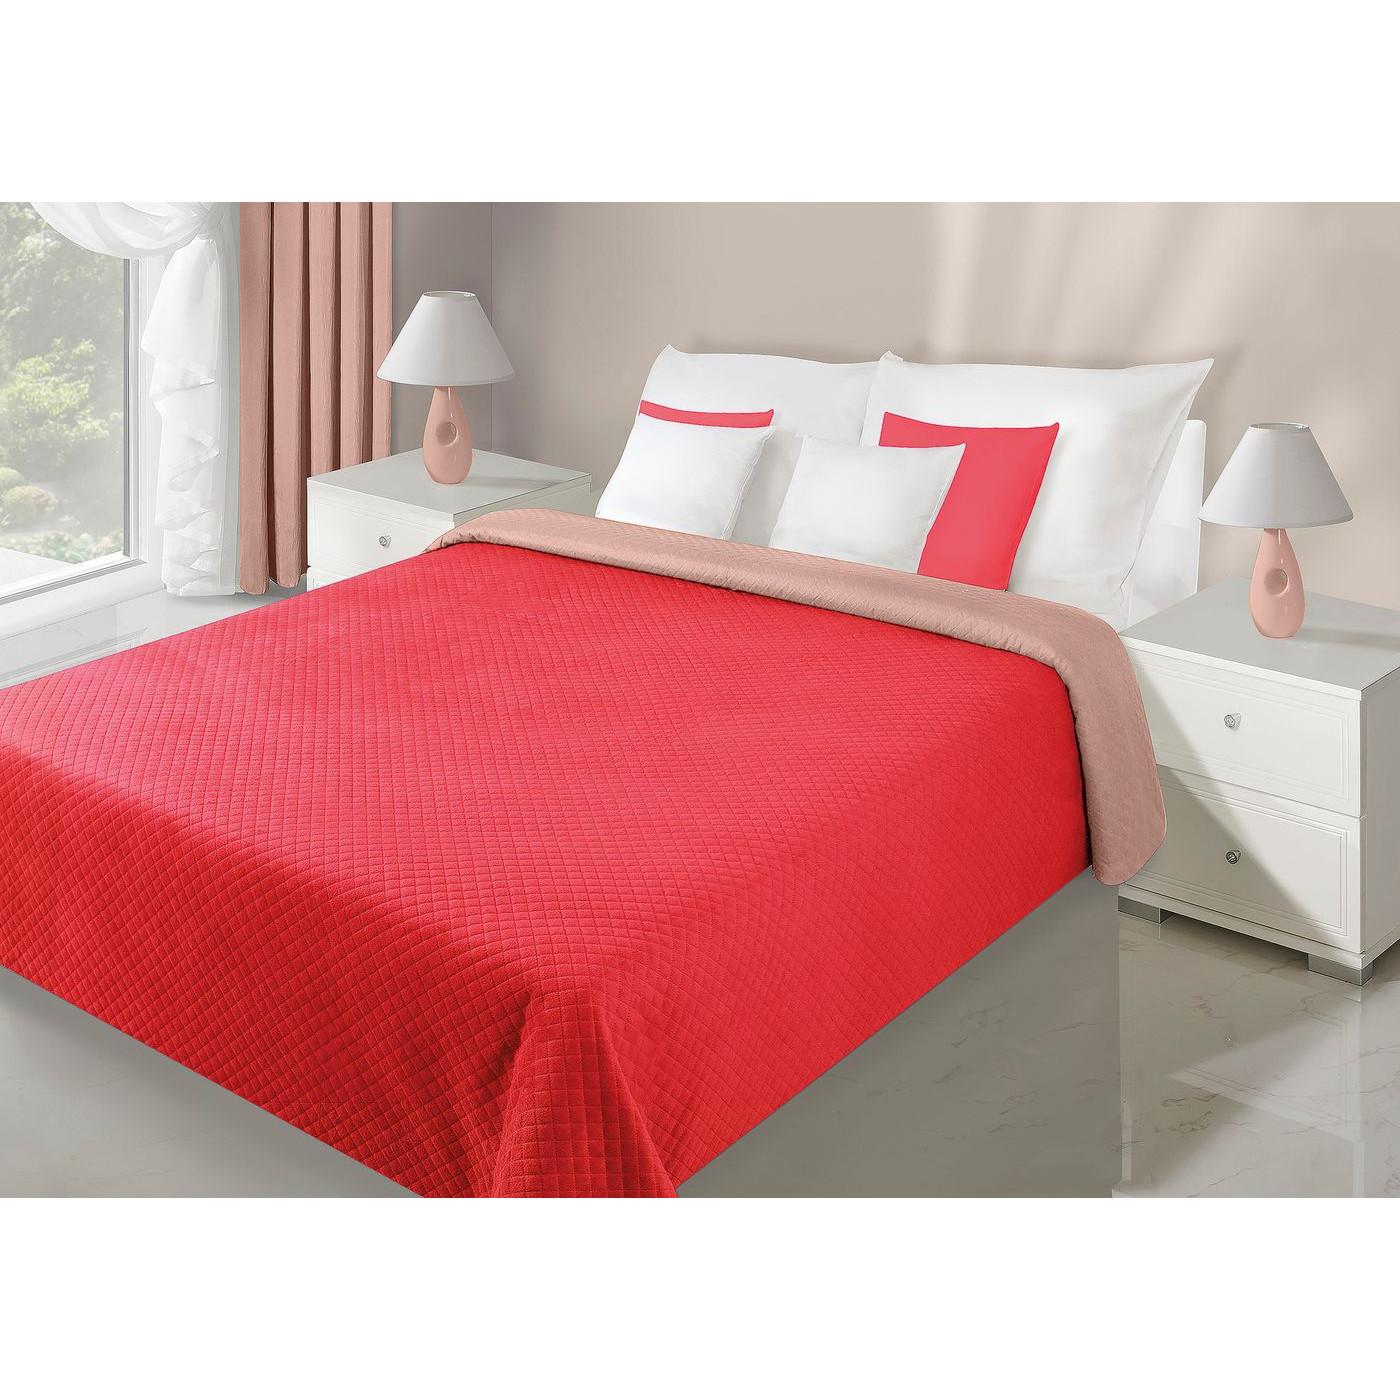 Narzuta dwustronna czerwony beż 230 x 260 cm